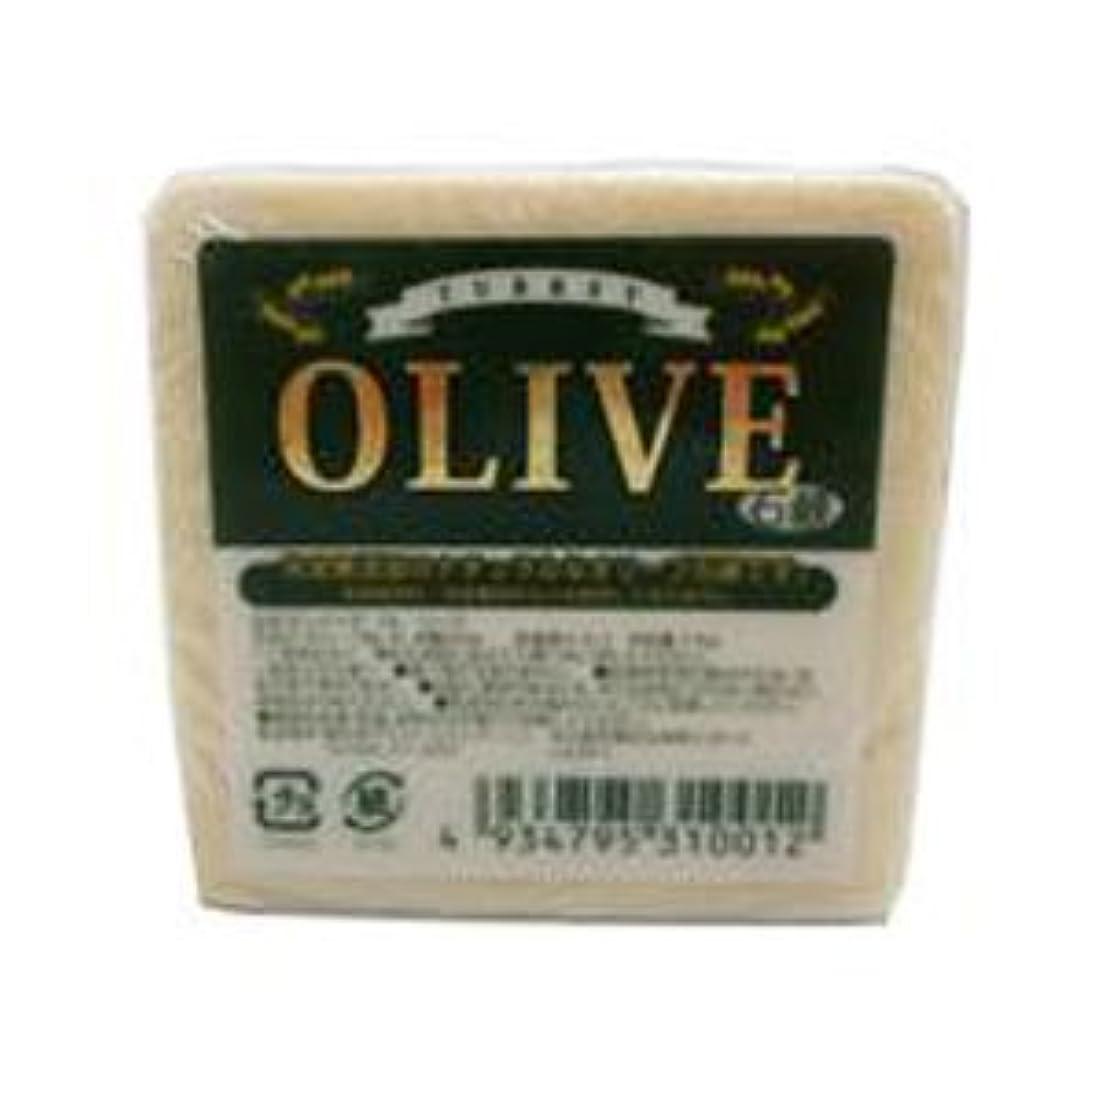 ささやき自分ペルセウスお得な10個セット トルコ産オリーブを使用した無添加石鹸 ターキーオリーブ石鹸 135g